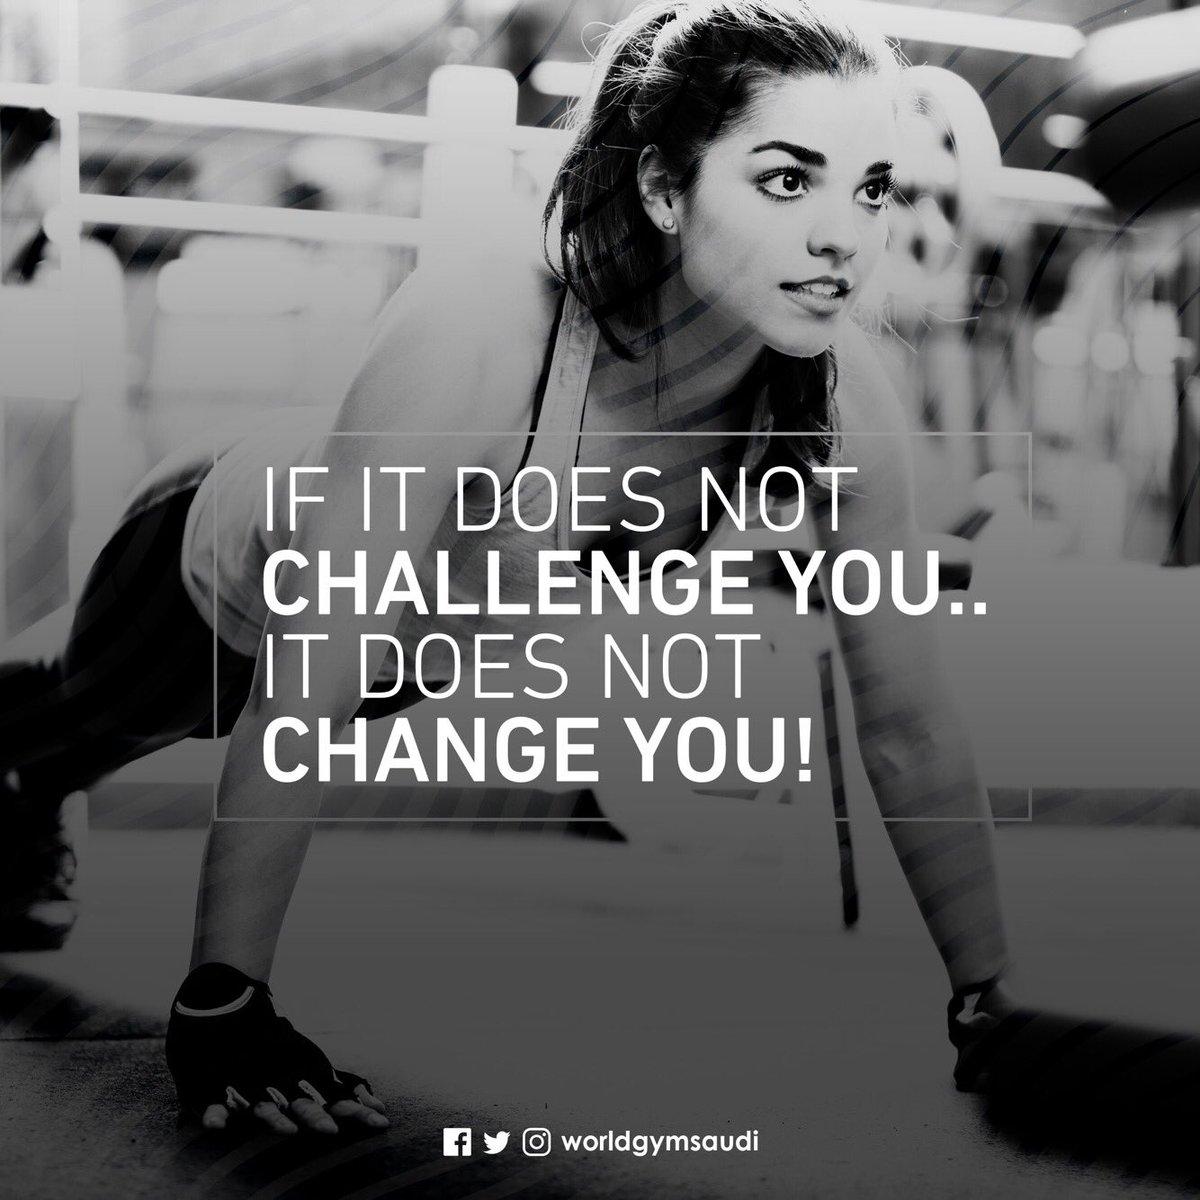 """""""إن لم يكن تحديّا لك، لن يغيّرك!"""" • أول شهر من السنة الجديدة قارب على الإنتهاء! لحقتوّا تخوضوا أي تحدّي؟ https://t.co/Lvx5Vvr7HE"""